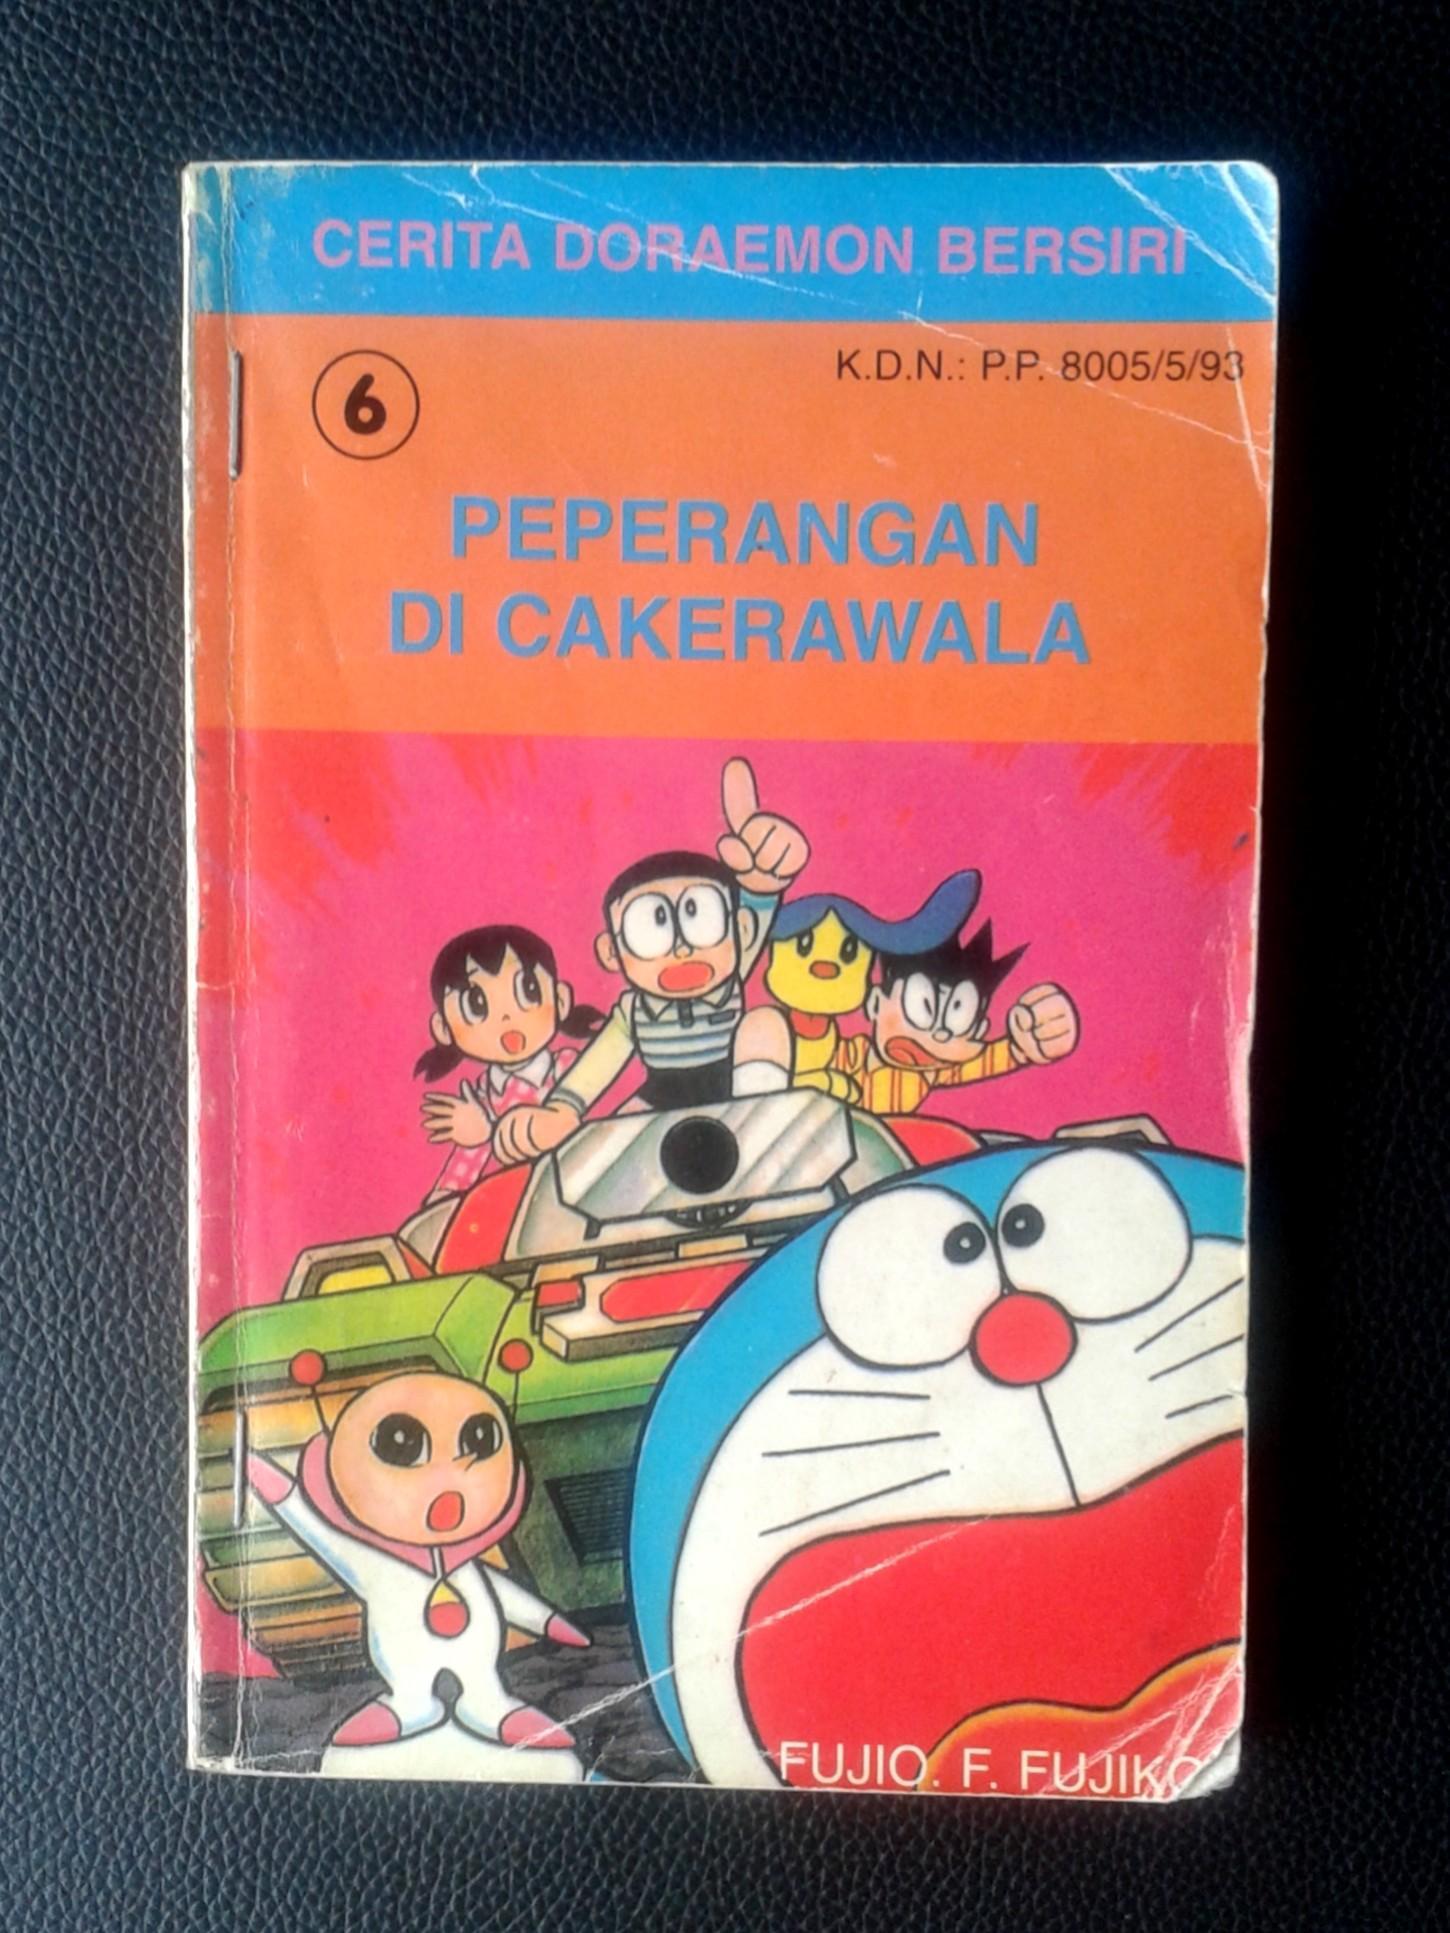 Doraemon Cerita Panjang vol 6